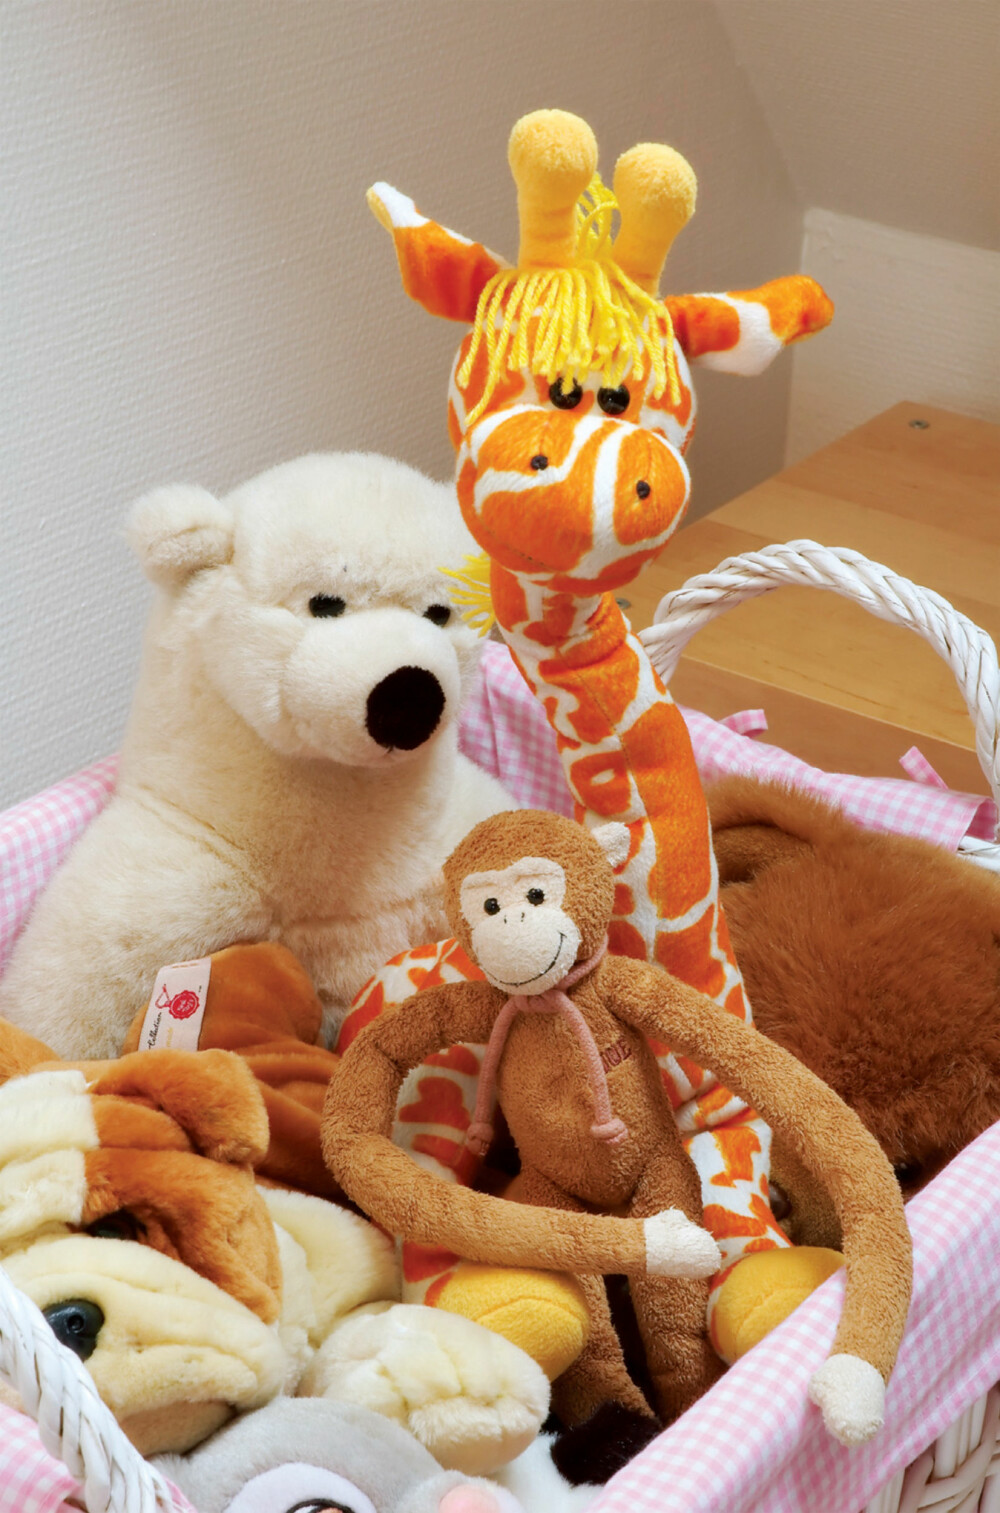 KOSEDYRENE: Har alle fått bolig i Saras flotte seng. Det hersker liten tvil om favorittfargen til 5 år gamle småpiker. De flotte kosedyrene er fra Damplass Stua, og fra Drømmeslottet på GlasMagasinet.